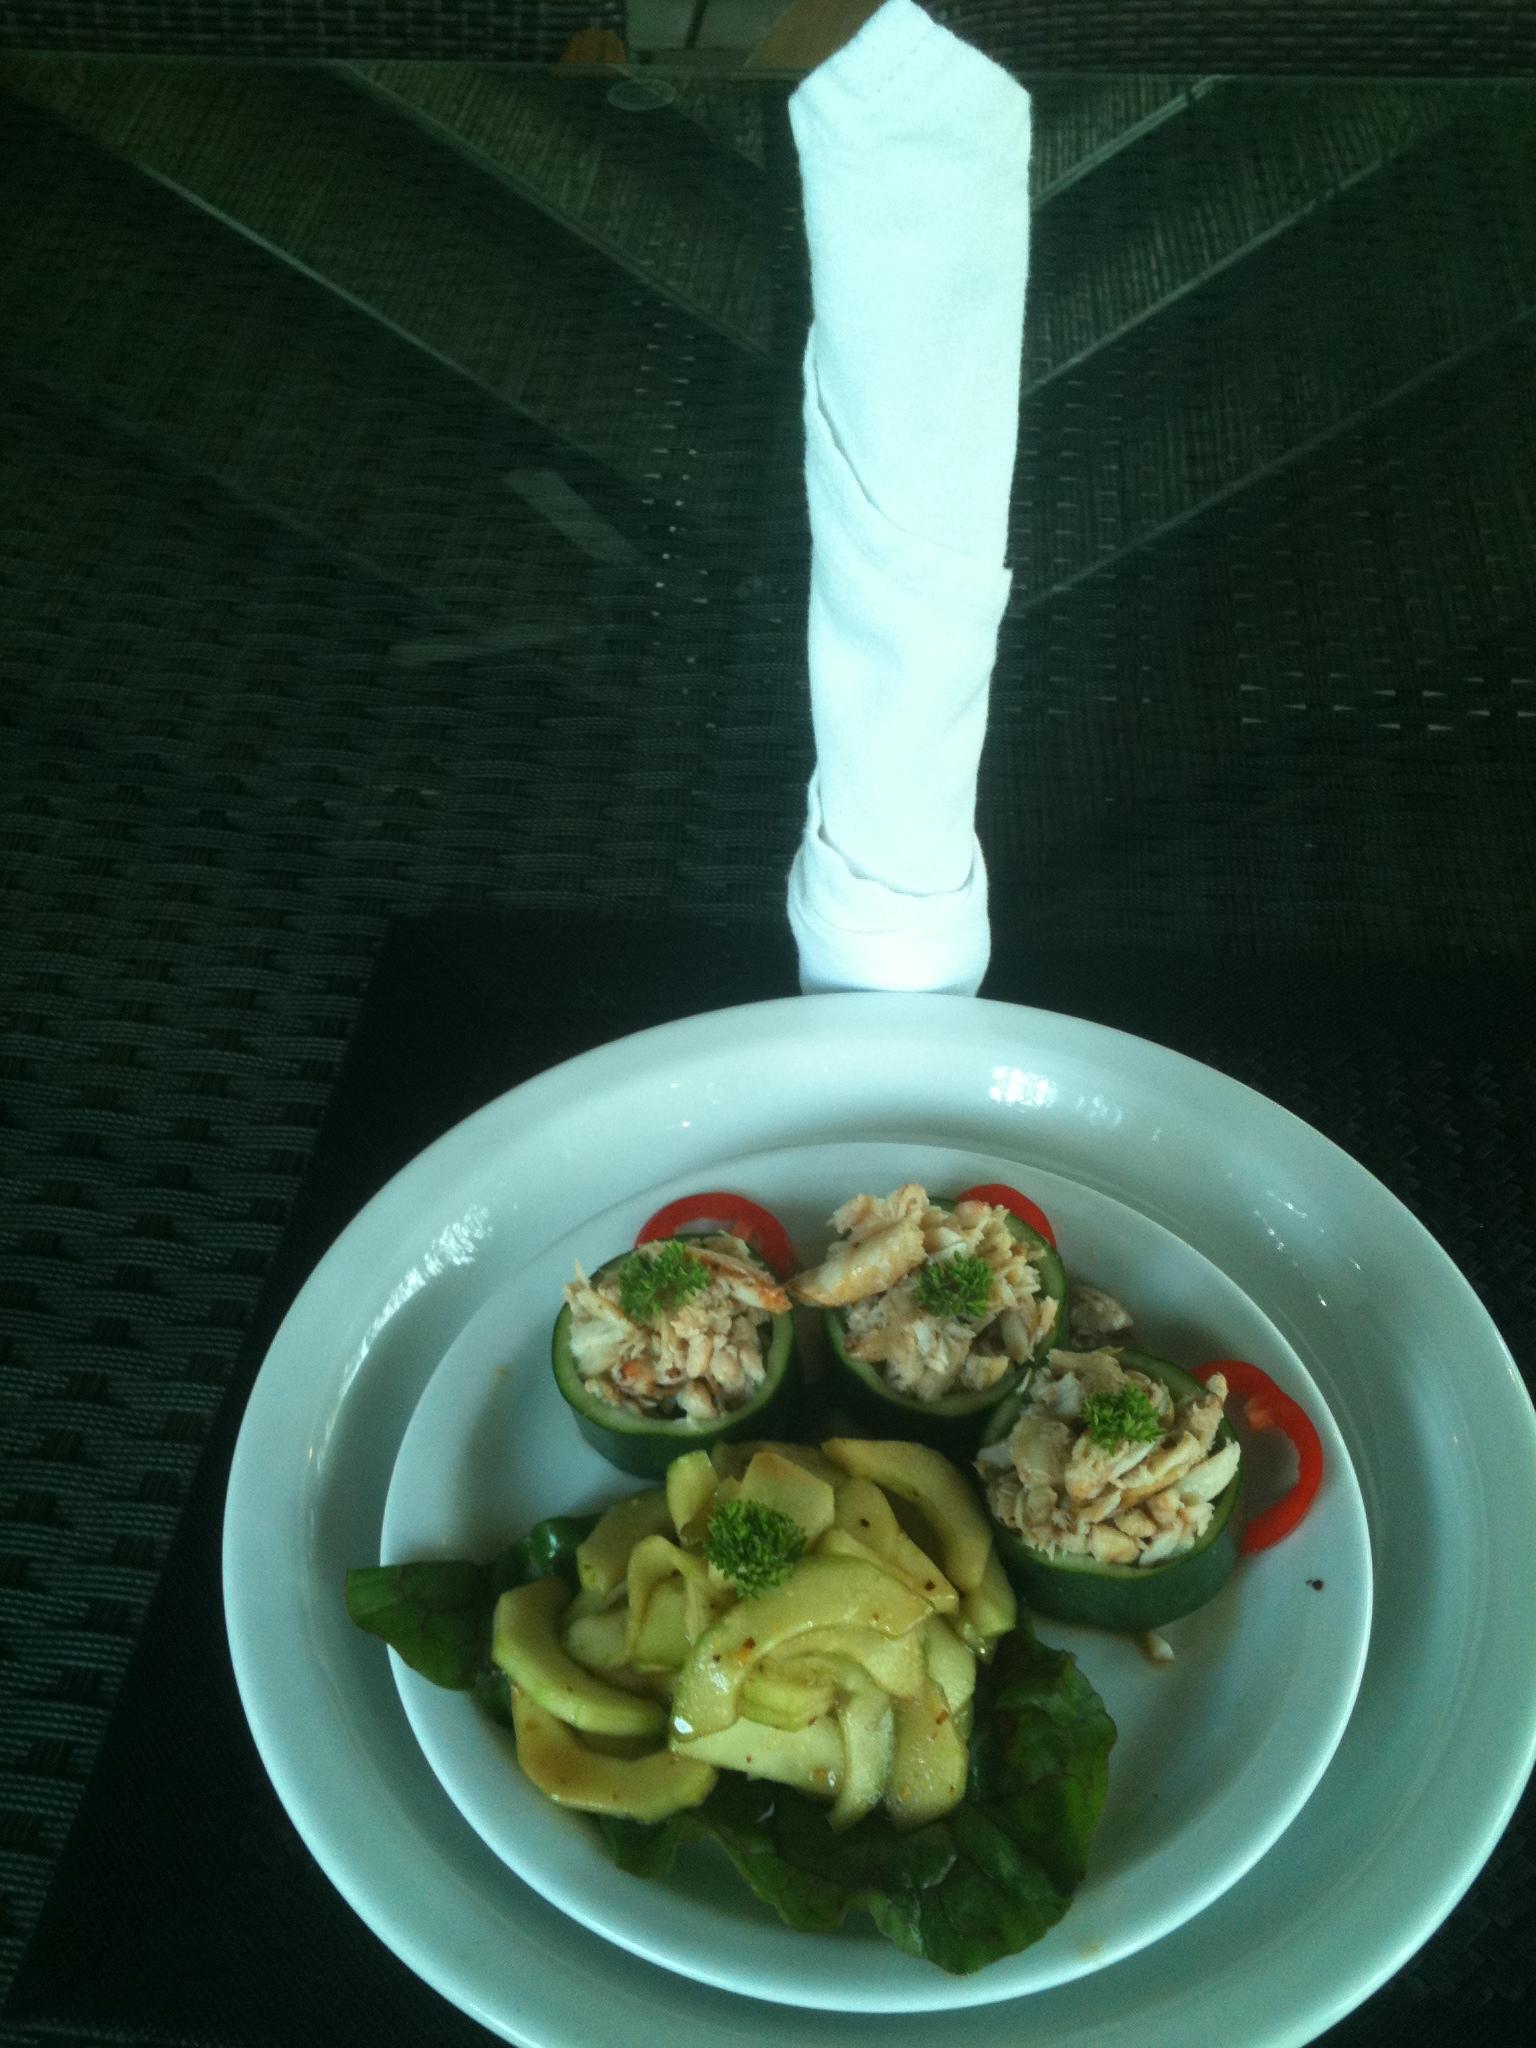 Crab in Cucumber Appetizer